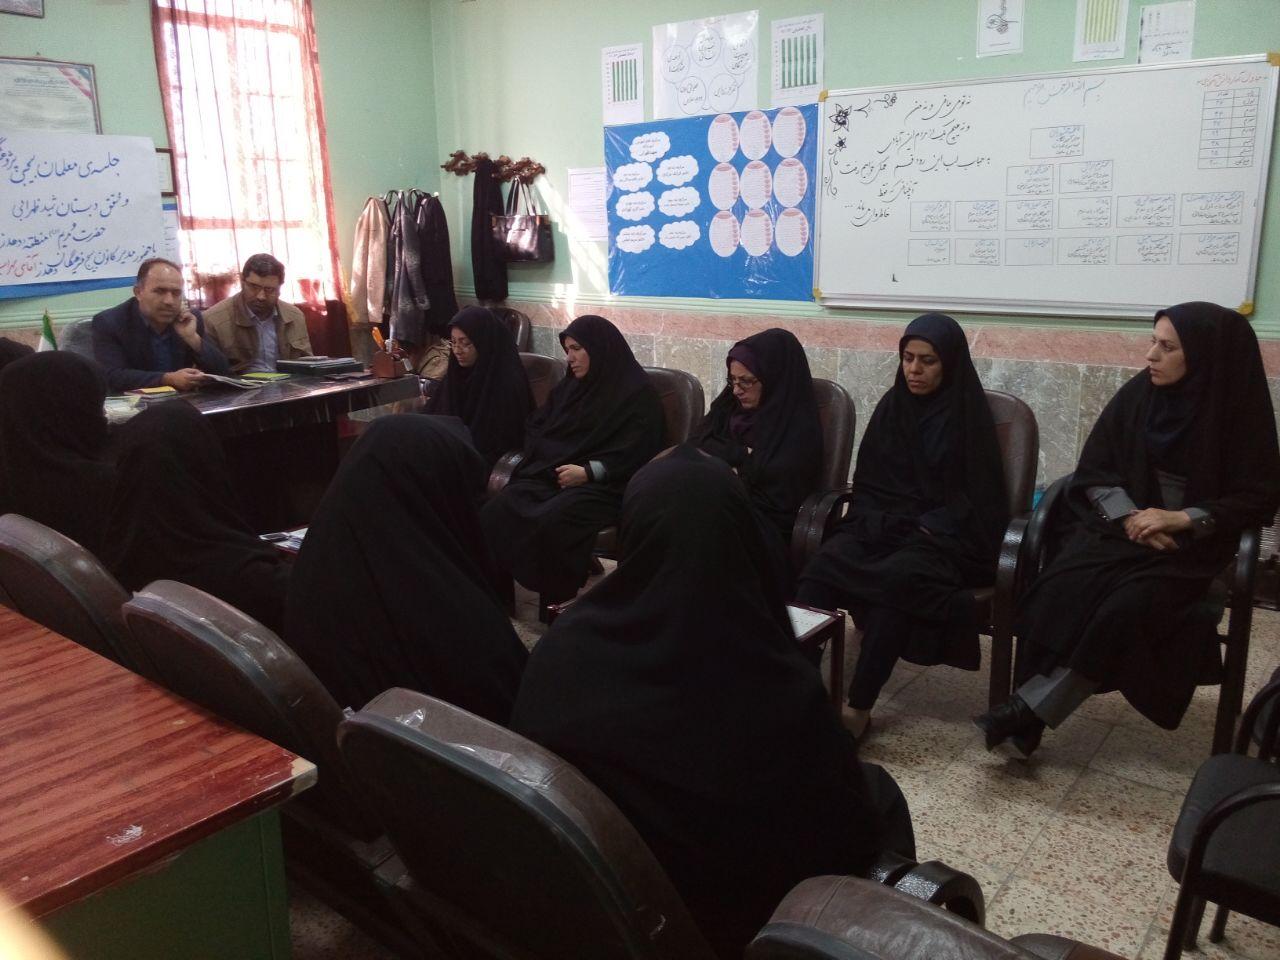 برگزاری نشست پژوهشی معلمان بسیجی در دهدز